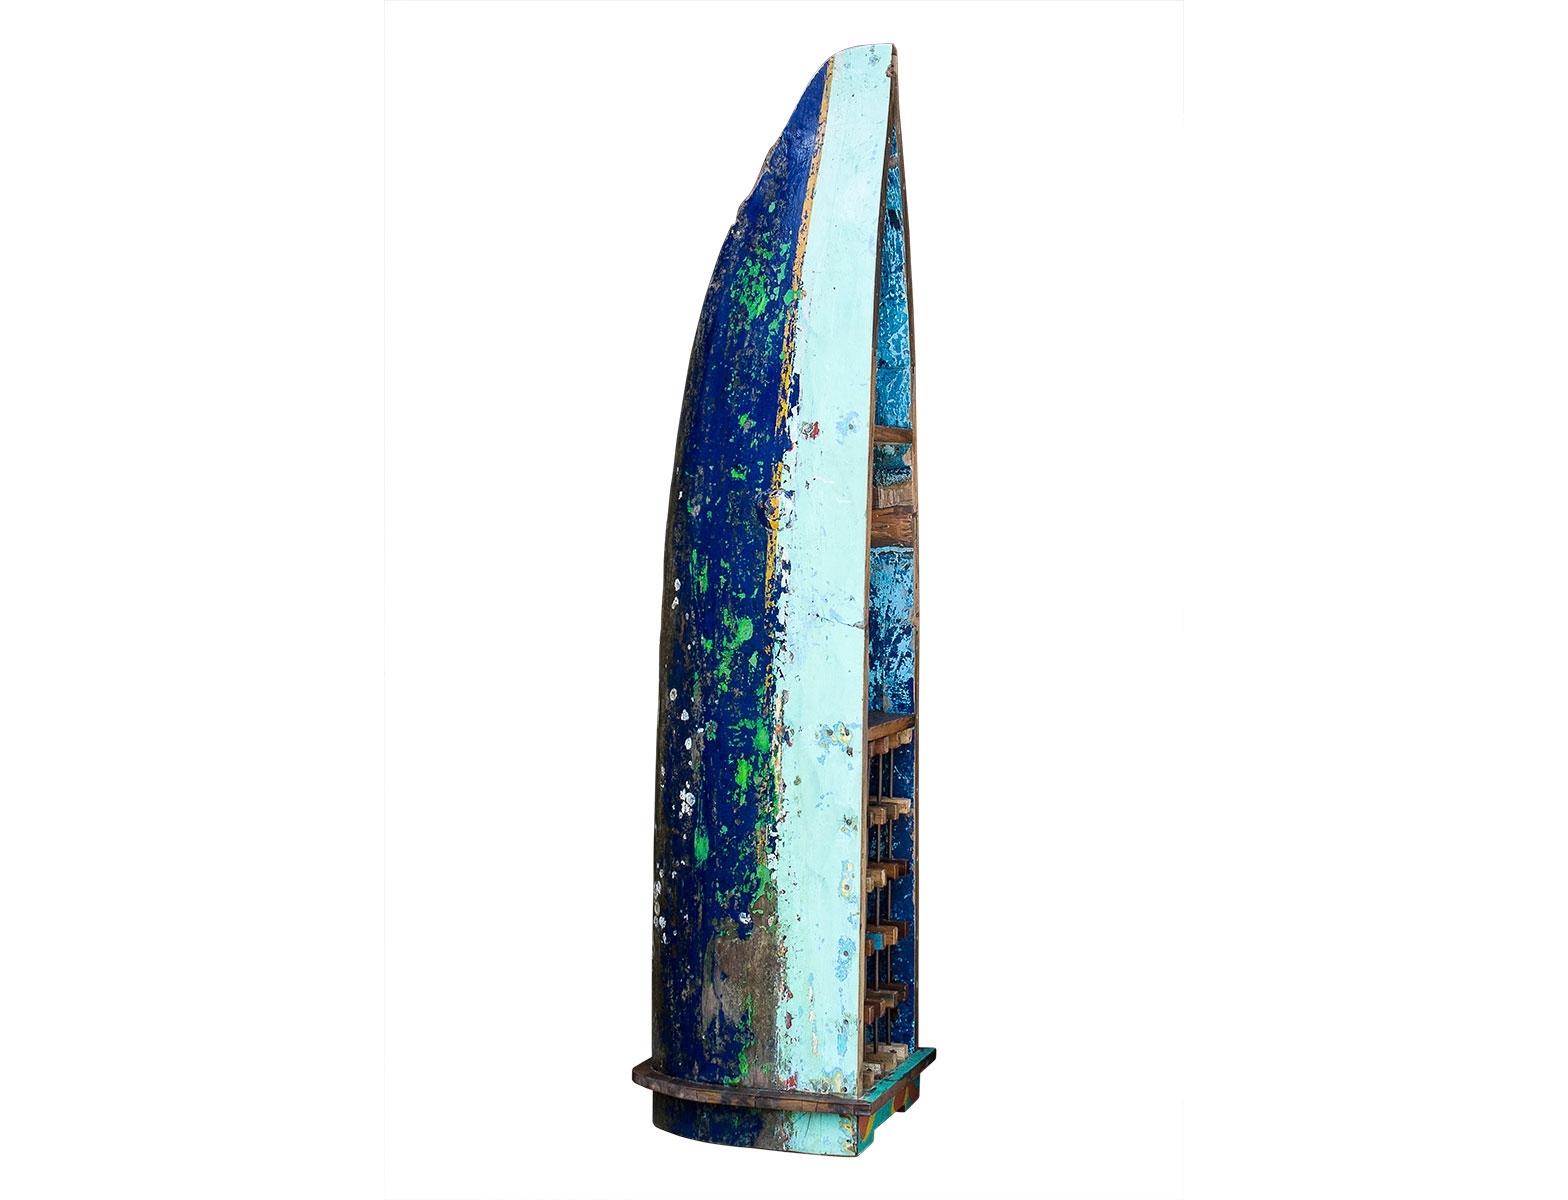 Лодка для вина ТасманВинные стеллажи<br>Винный шкаф, выполненный из старой рыбацкой лодки классической правильной формы с сохранением оригинальной многослойной окраски.<br><br>Хранит до 15 бутылок.<br>Подходит для использования как внутри помещения, так и снаружи.<br>Сборка не требуется.<br><br>Material: Тик<br>Width см: 55<br>Depth см: 54<br>Height см: 211